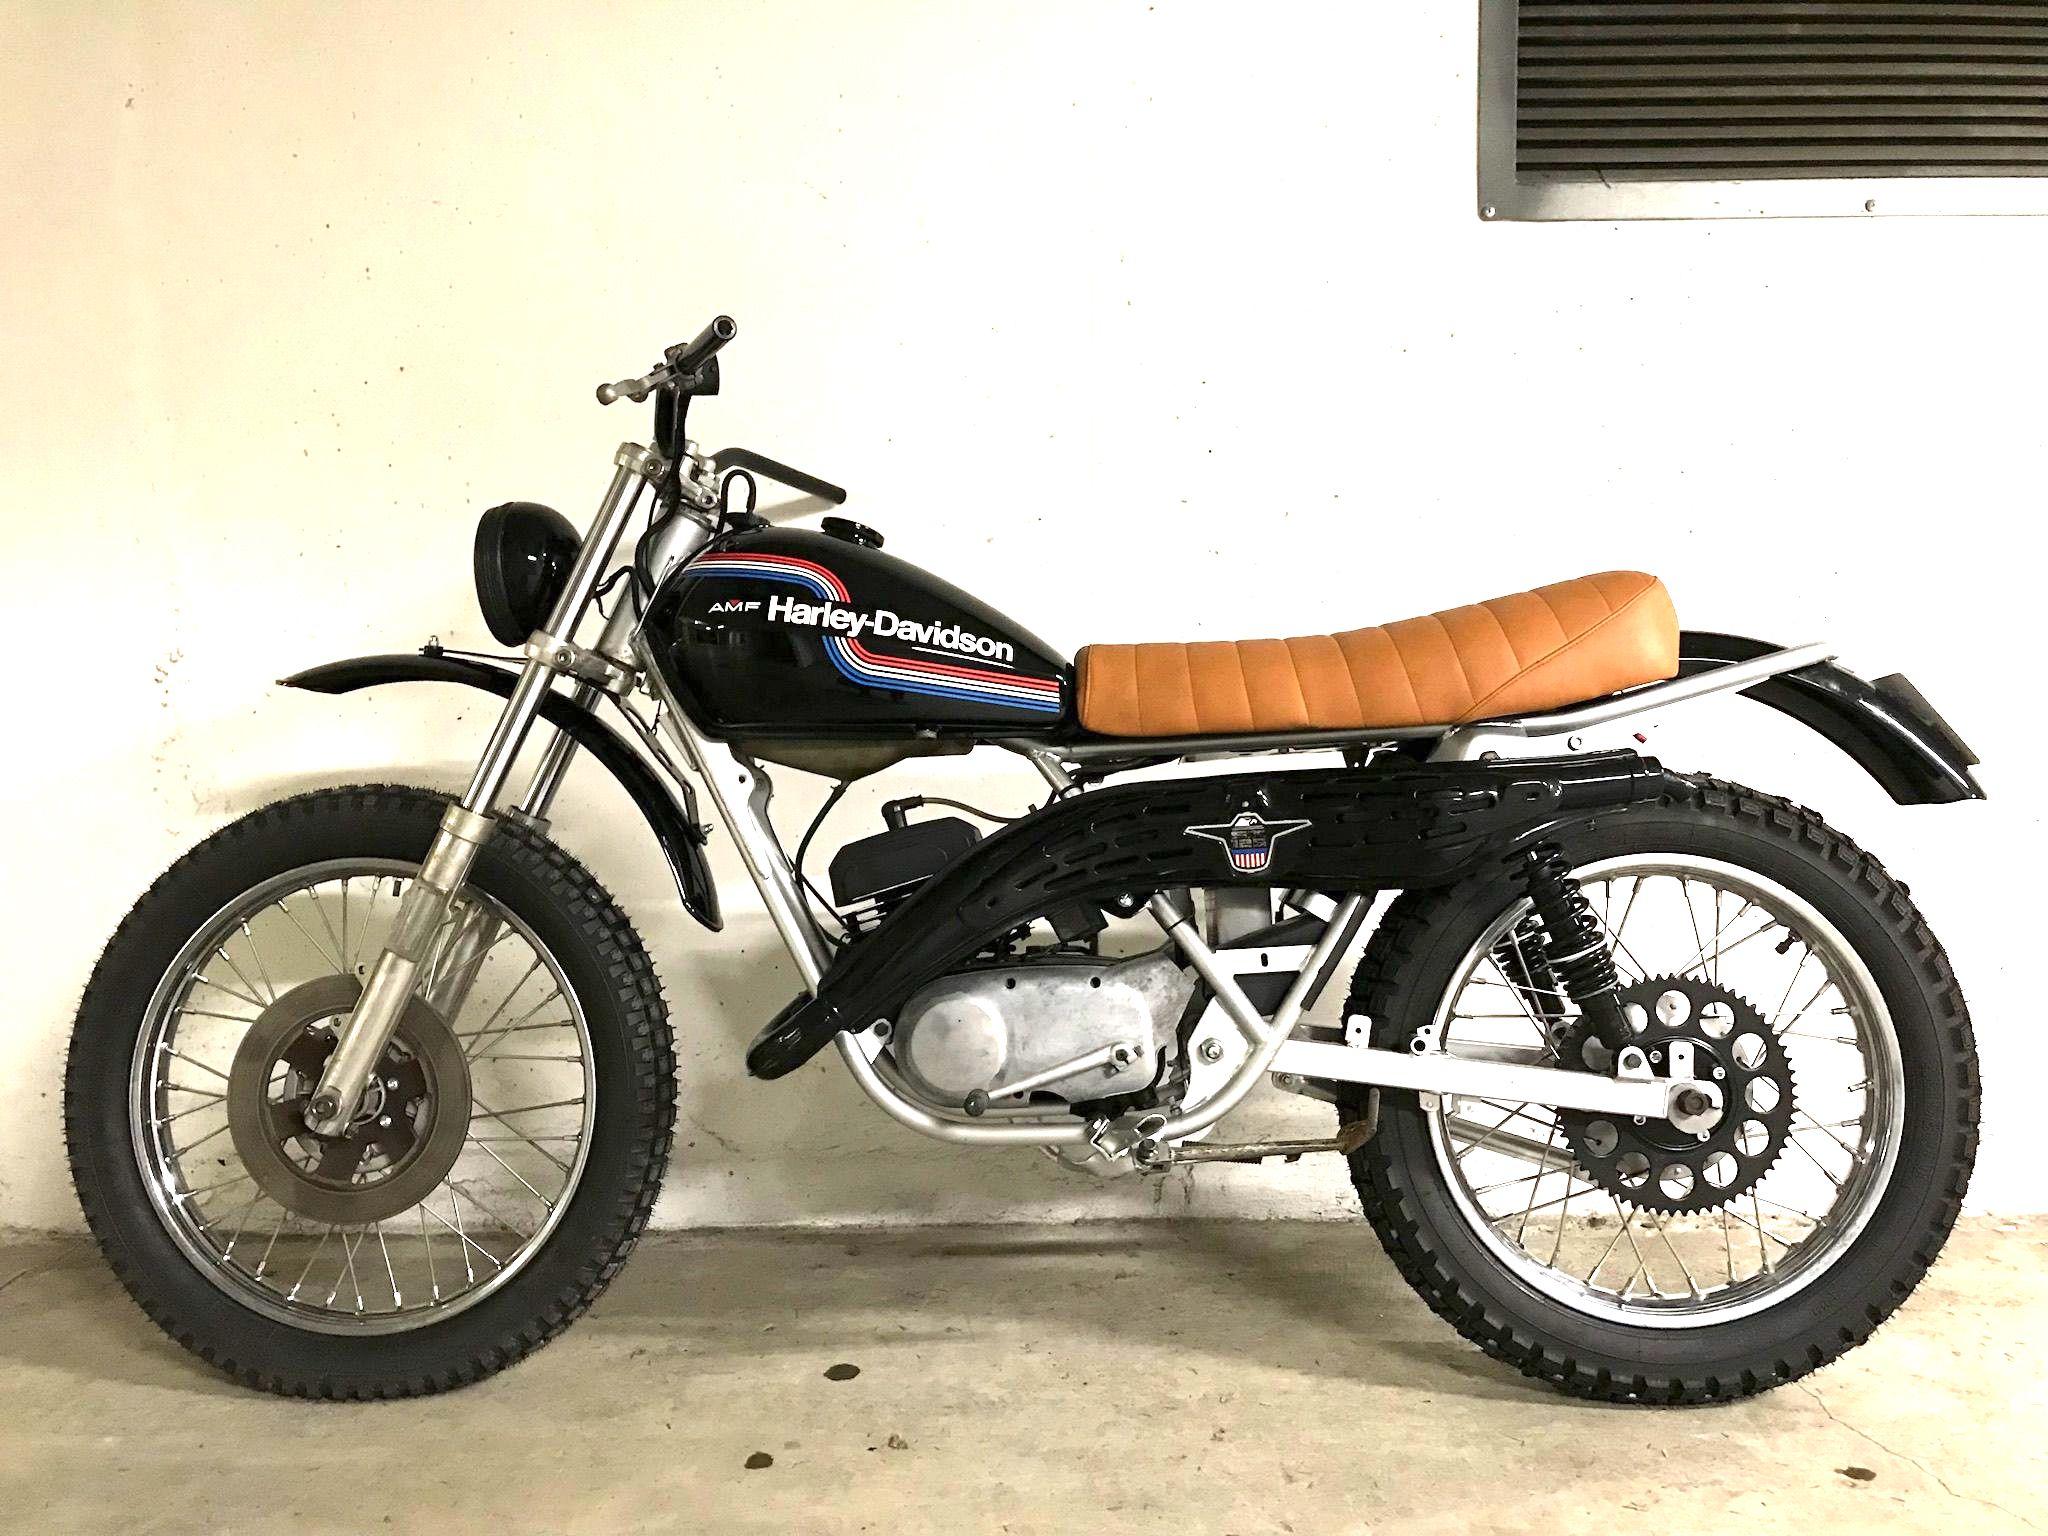 Harley-Davidson TX-125